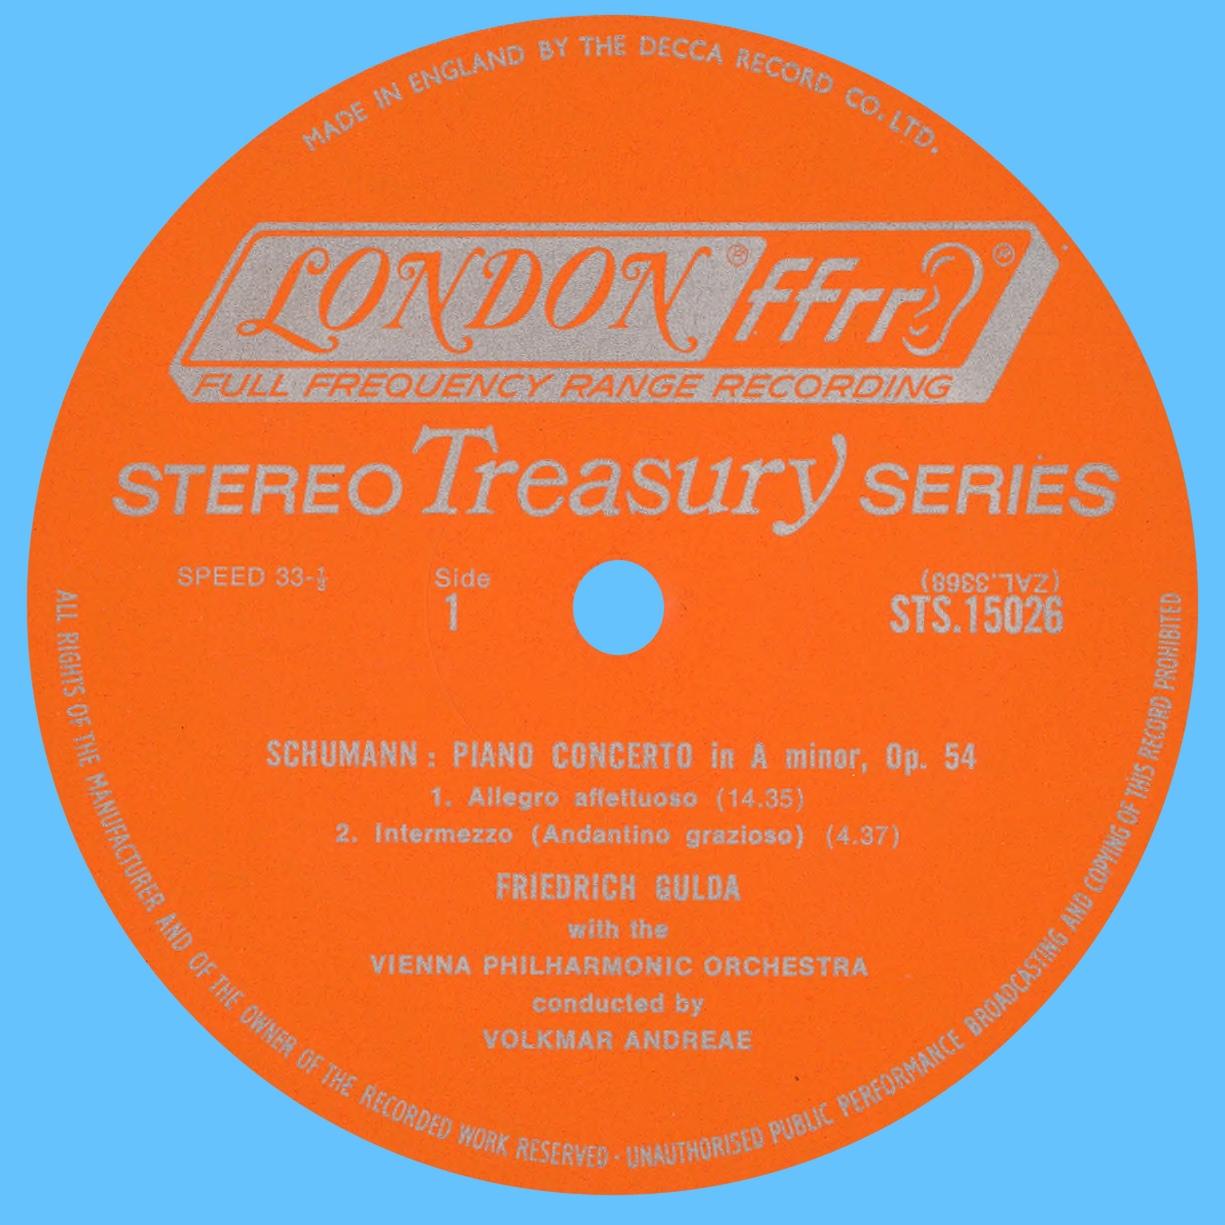 Étiquette recto du disque LONDON STS 1502